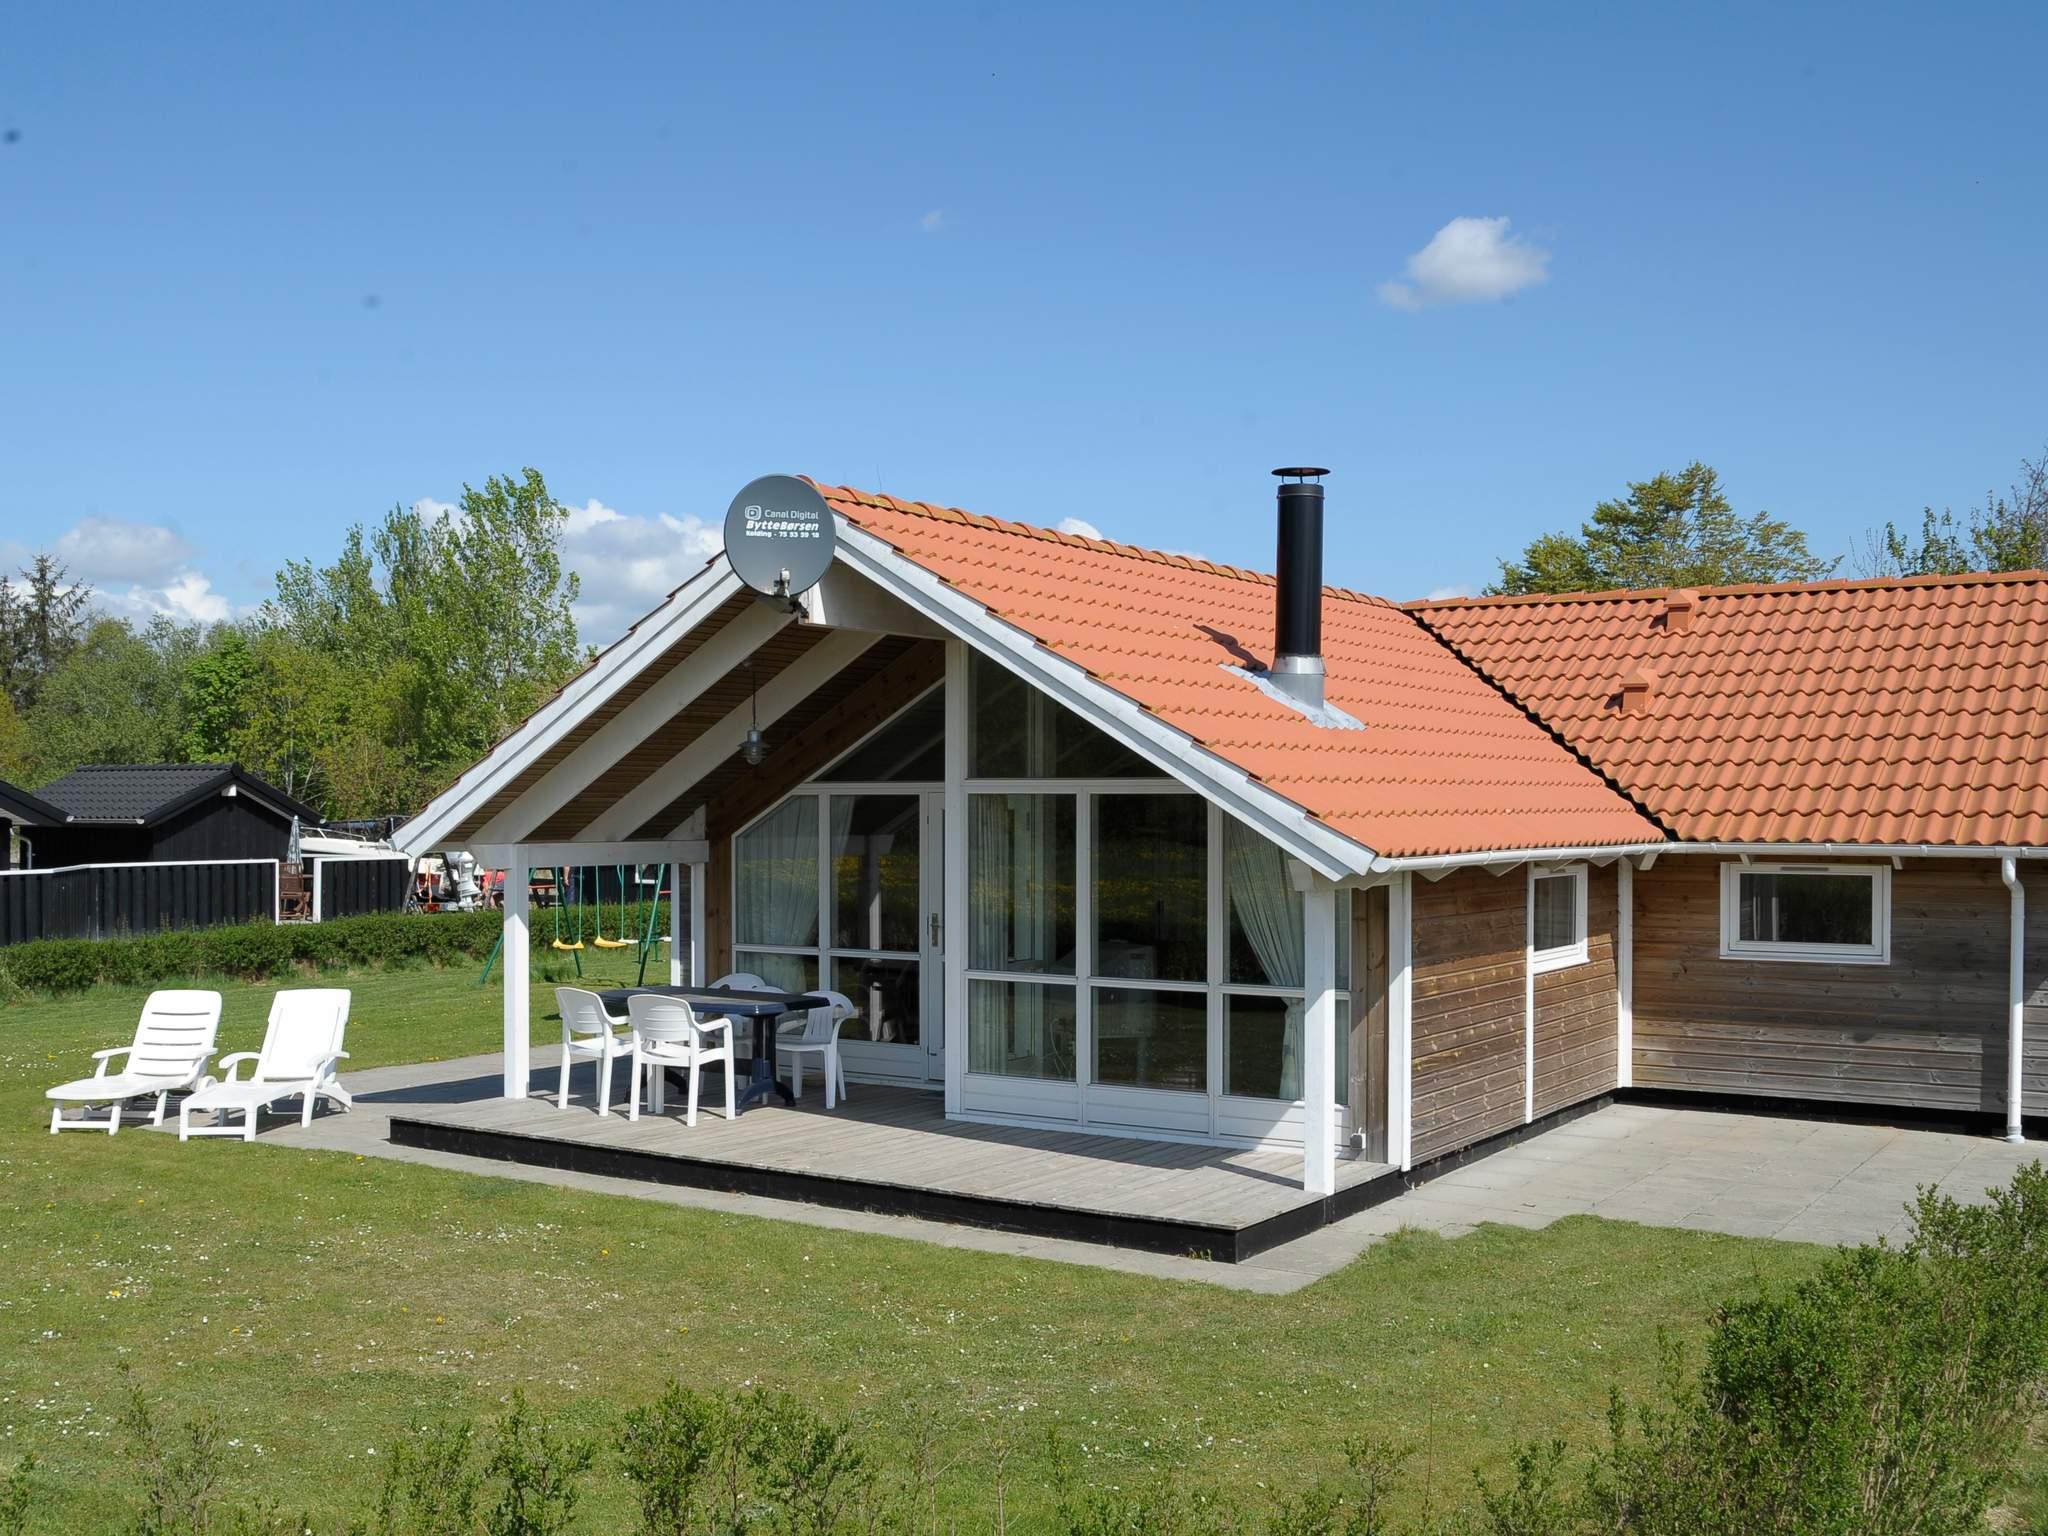 Ferienhaus Binderup Strand (135860), Binderup, , Südostjütland, Dänemark, Bild 1